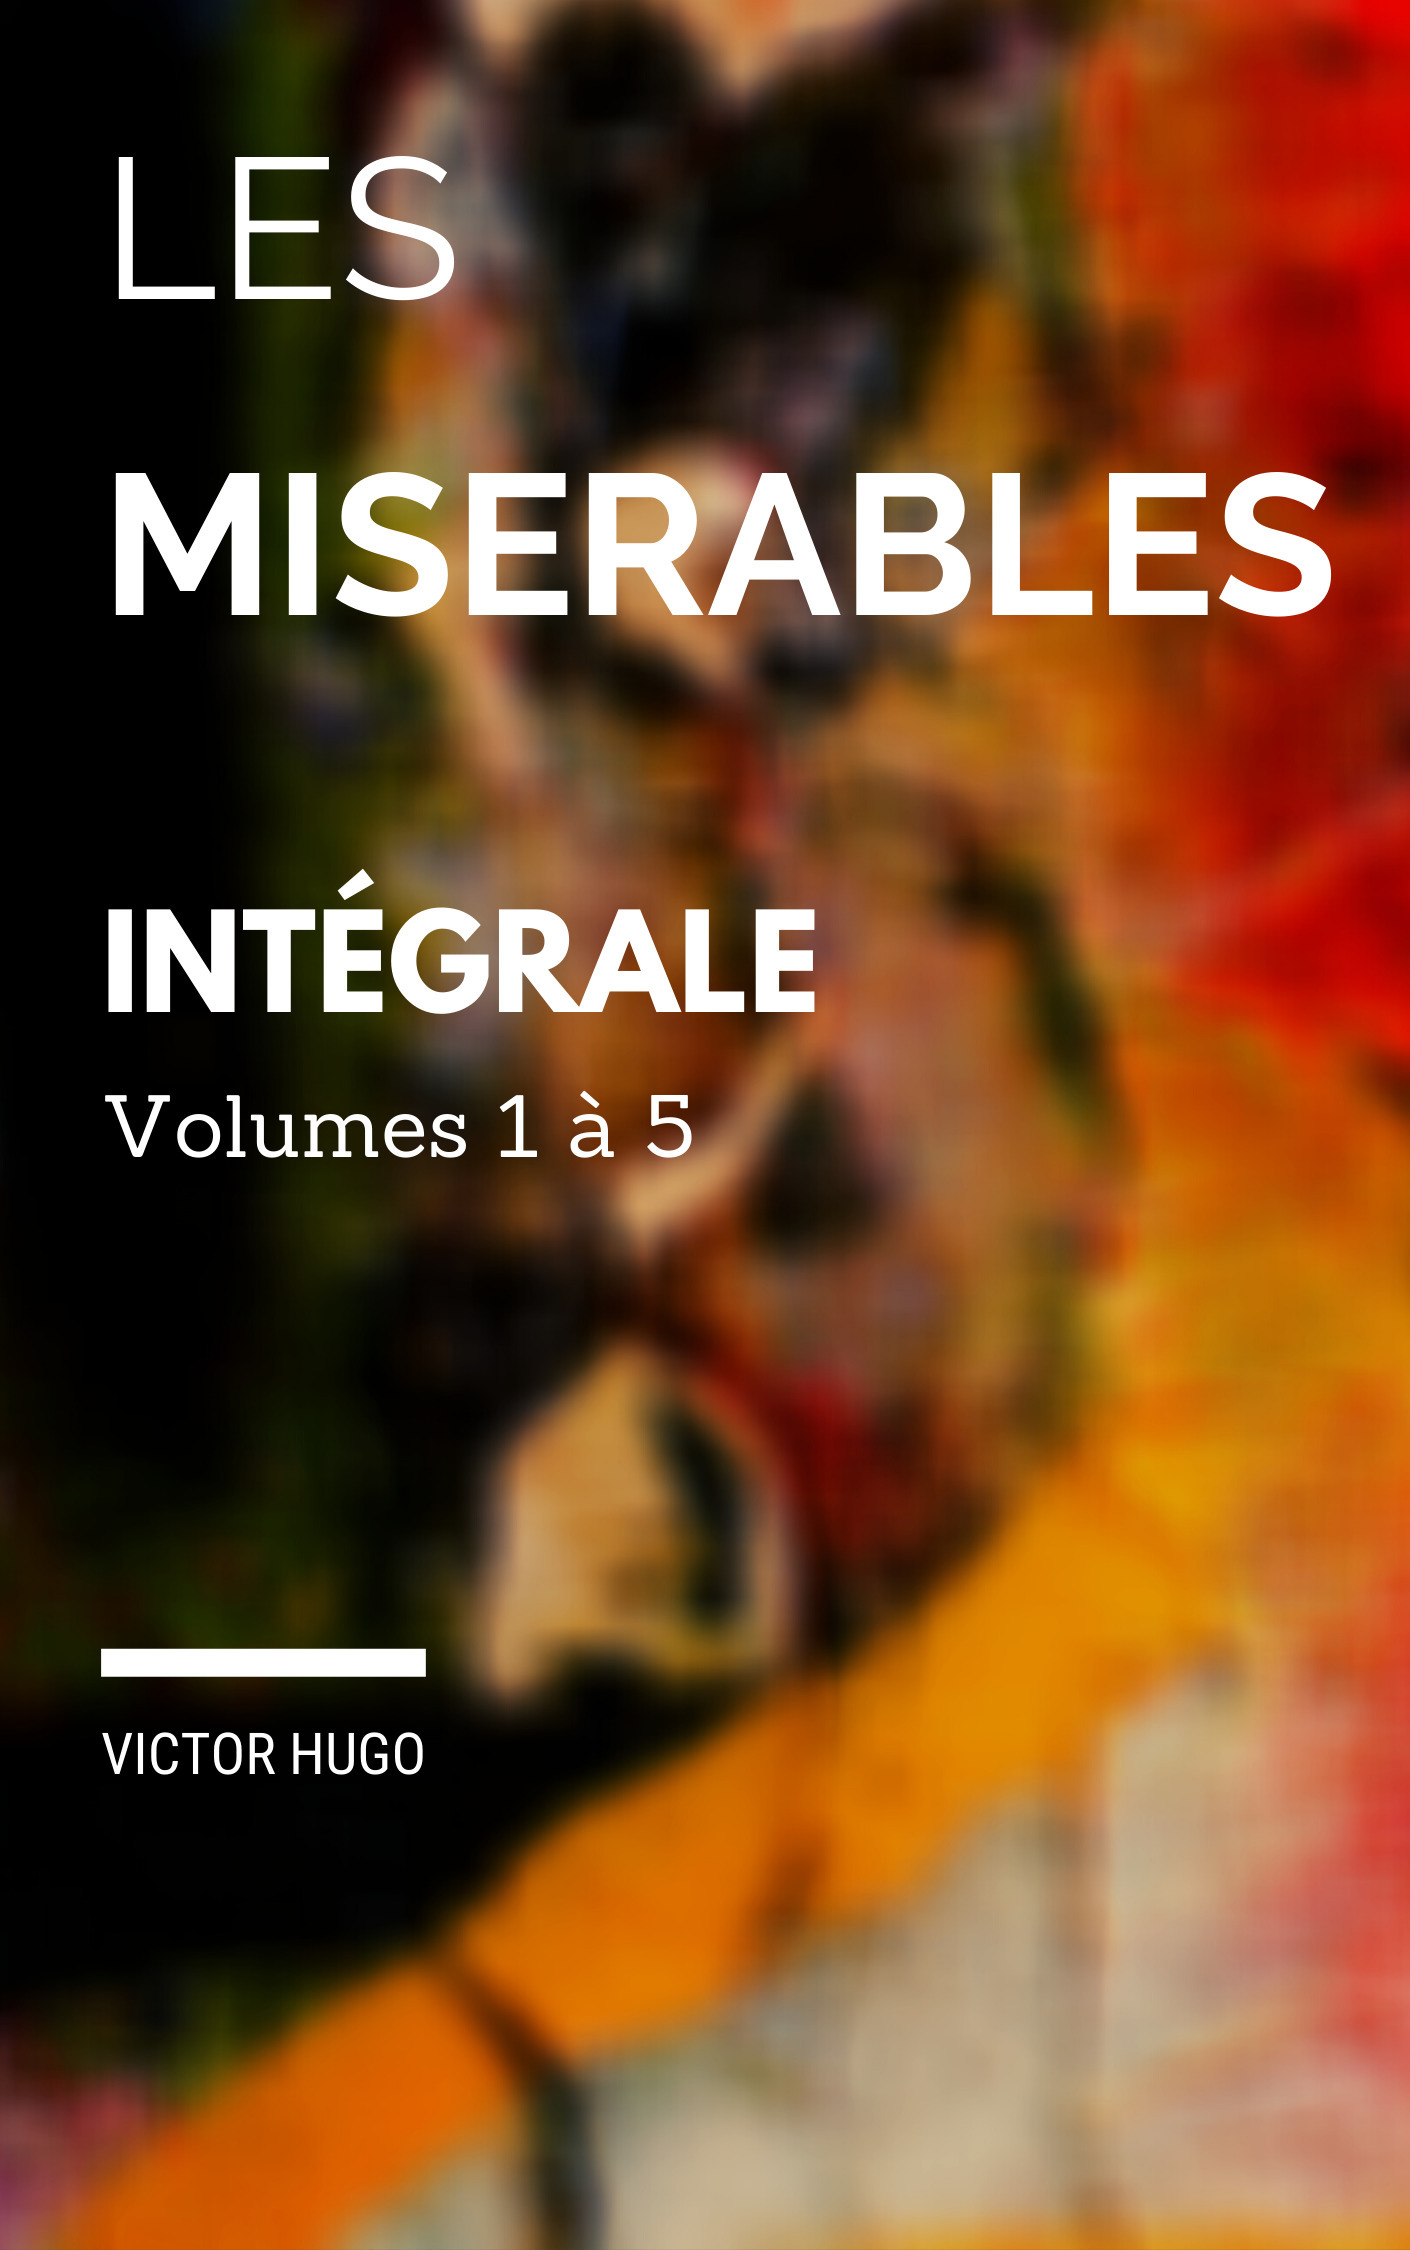 Les misérables : Edition intégrale Volumes I à IV